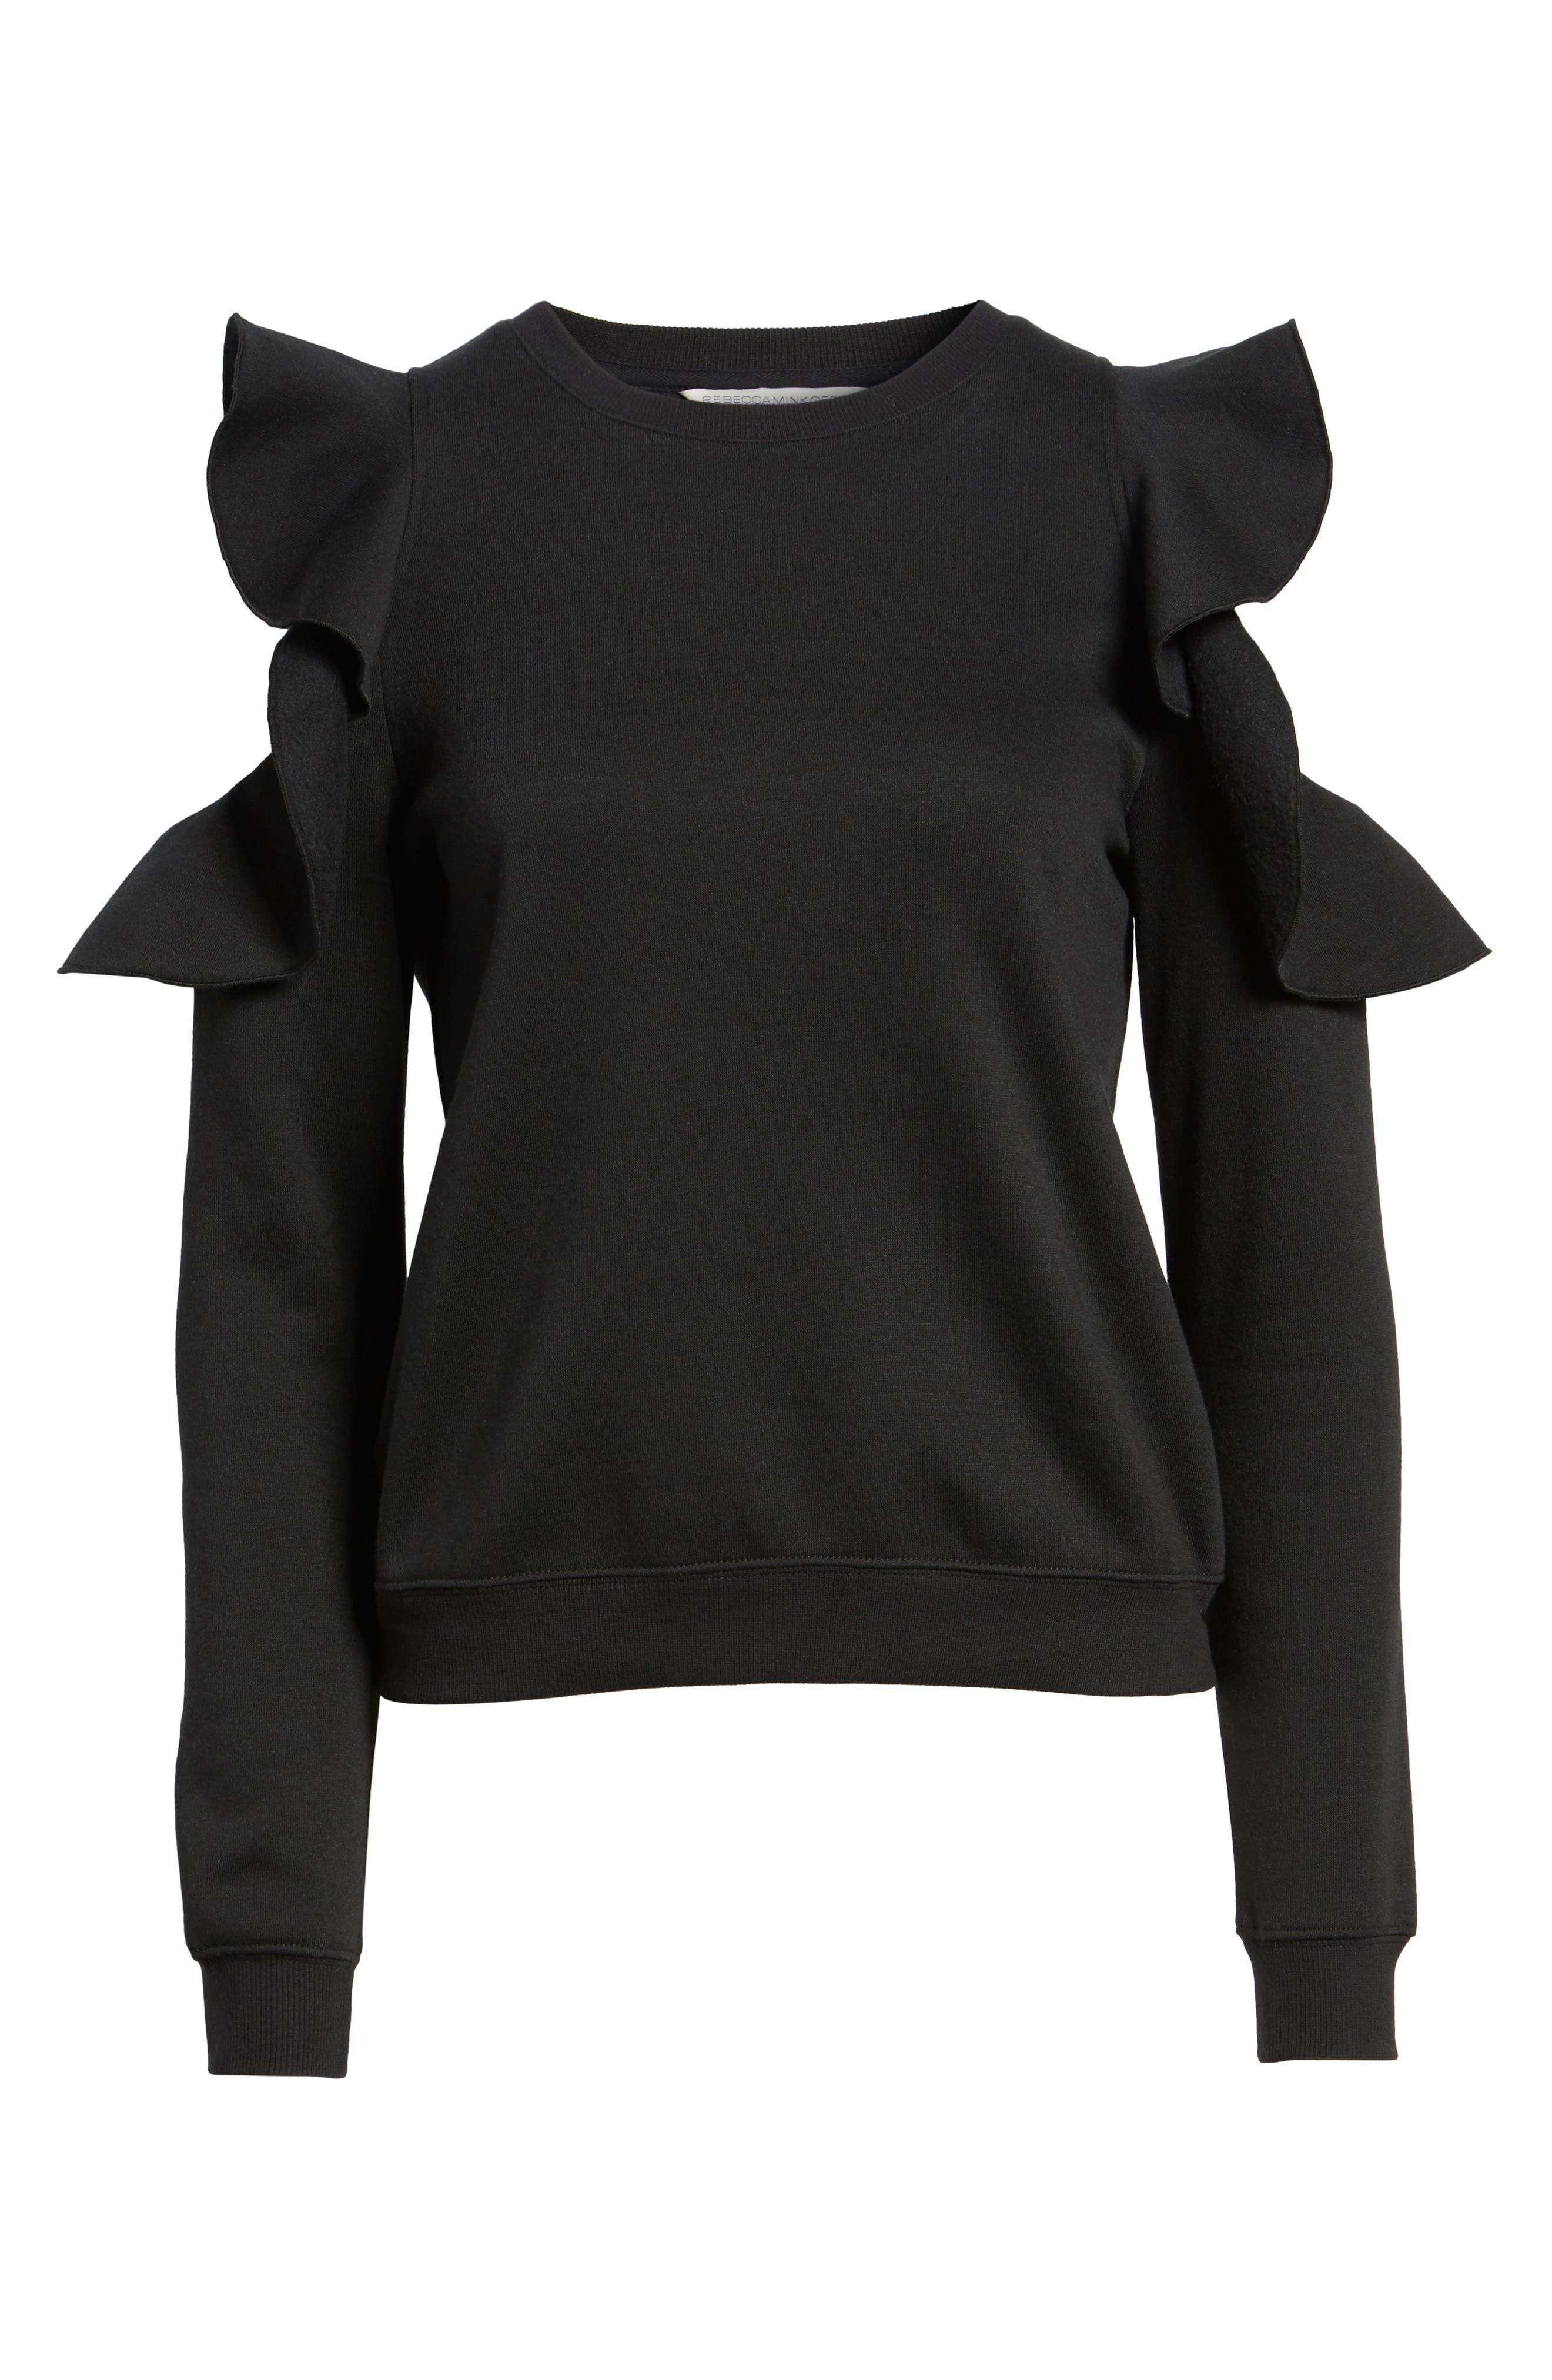 Gracie Cold Shoulder Sweatshirt,                             Alternate thumbnail 7, color,                             001